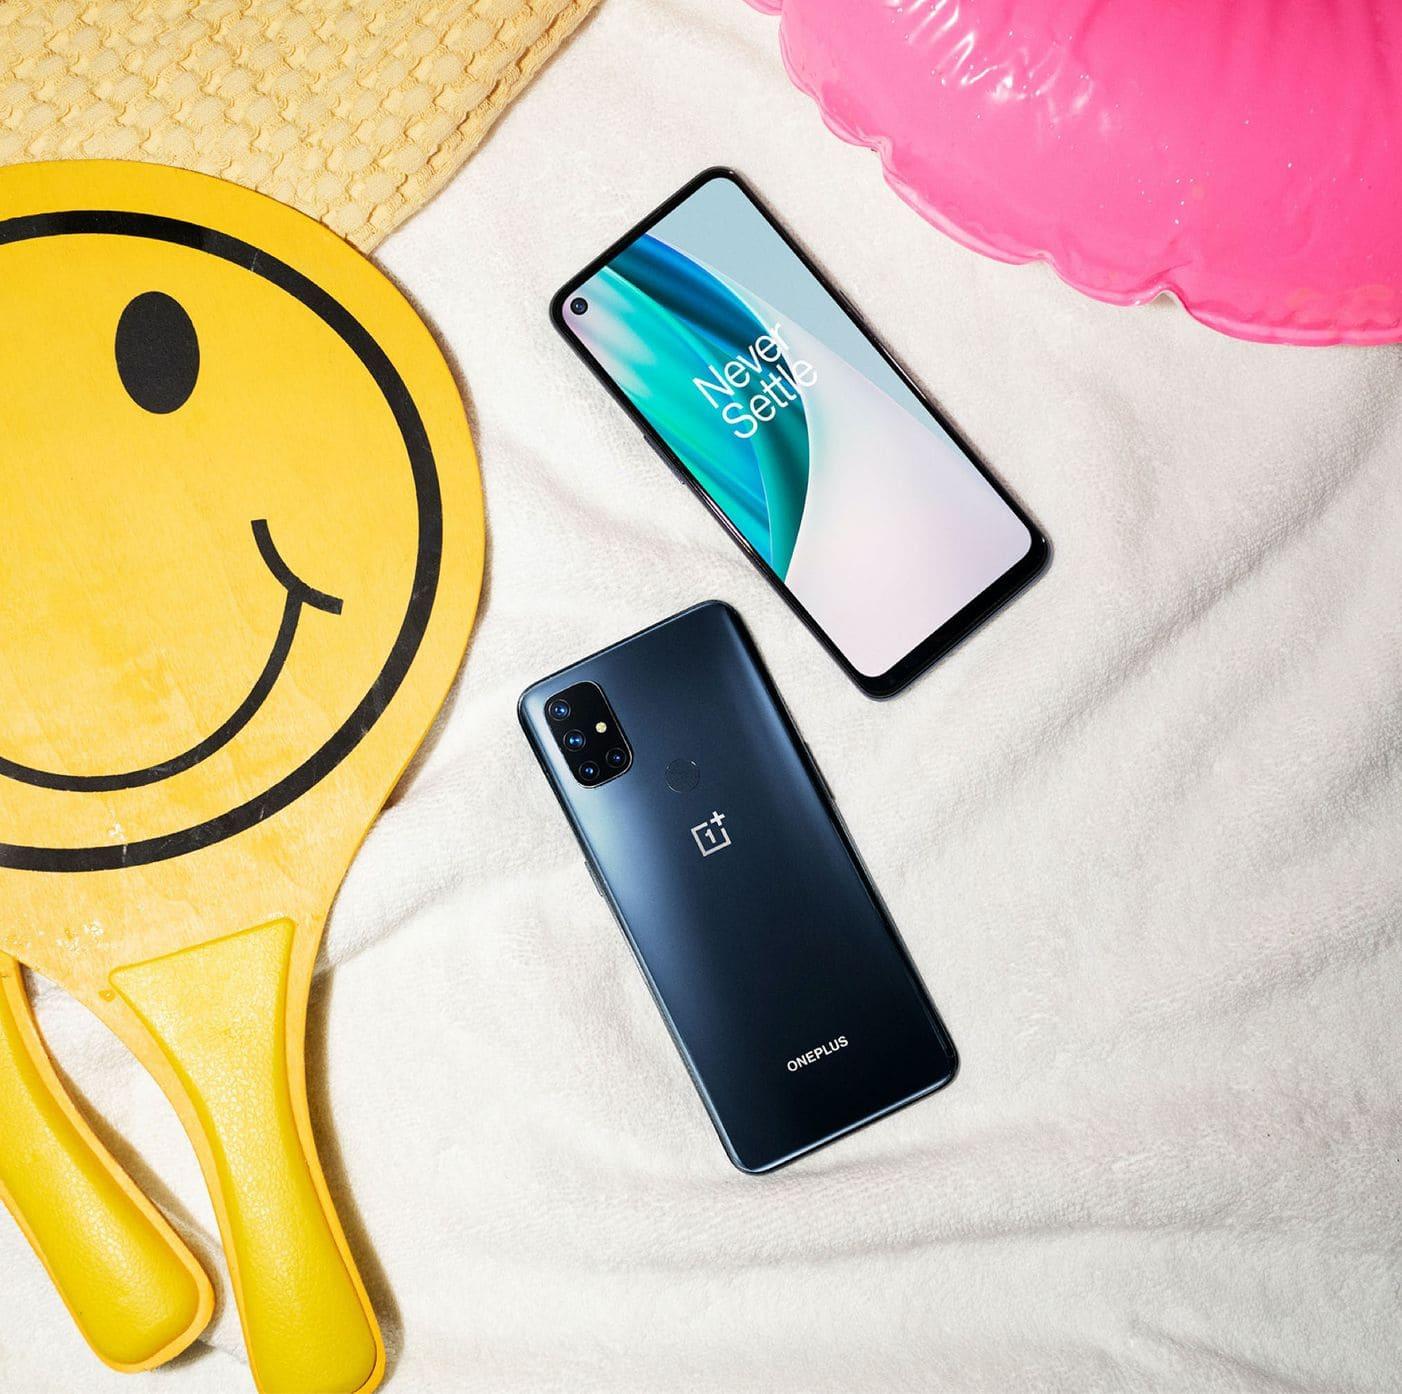 OnePlus-Nord-N10-5G-diseño-traseera-y-frontal